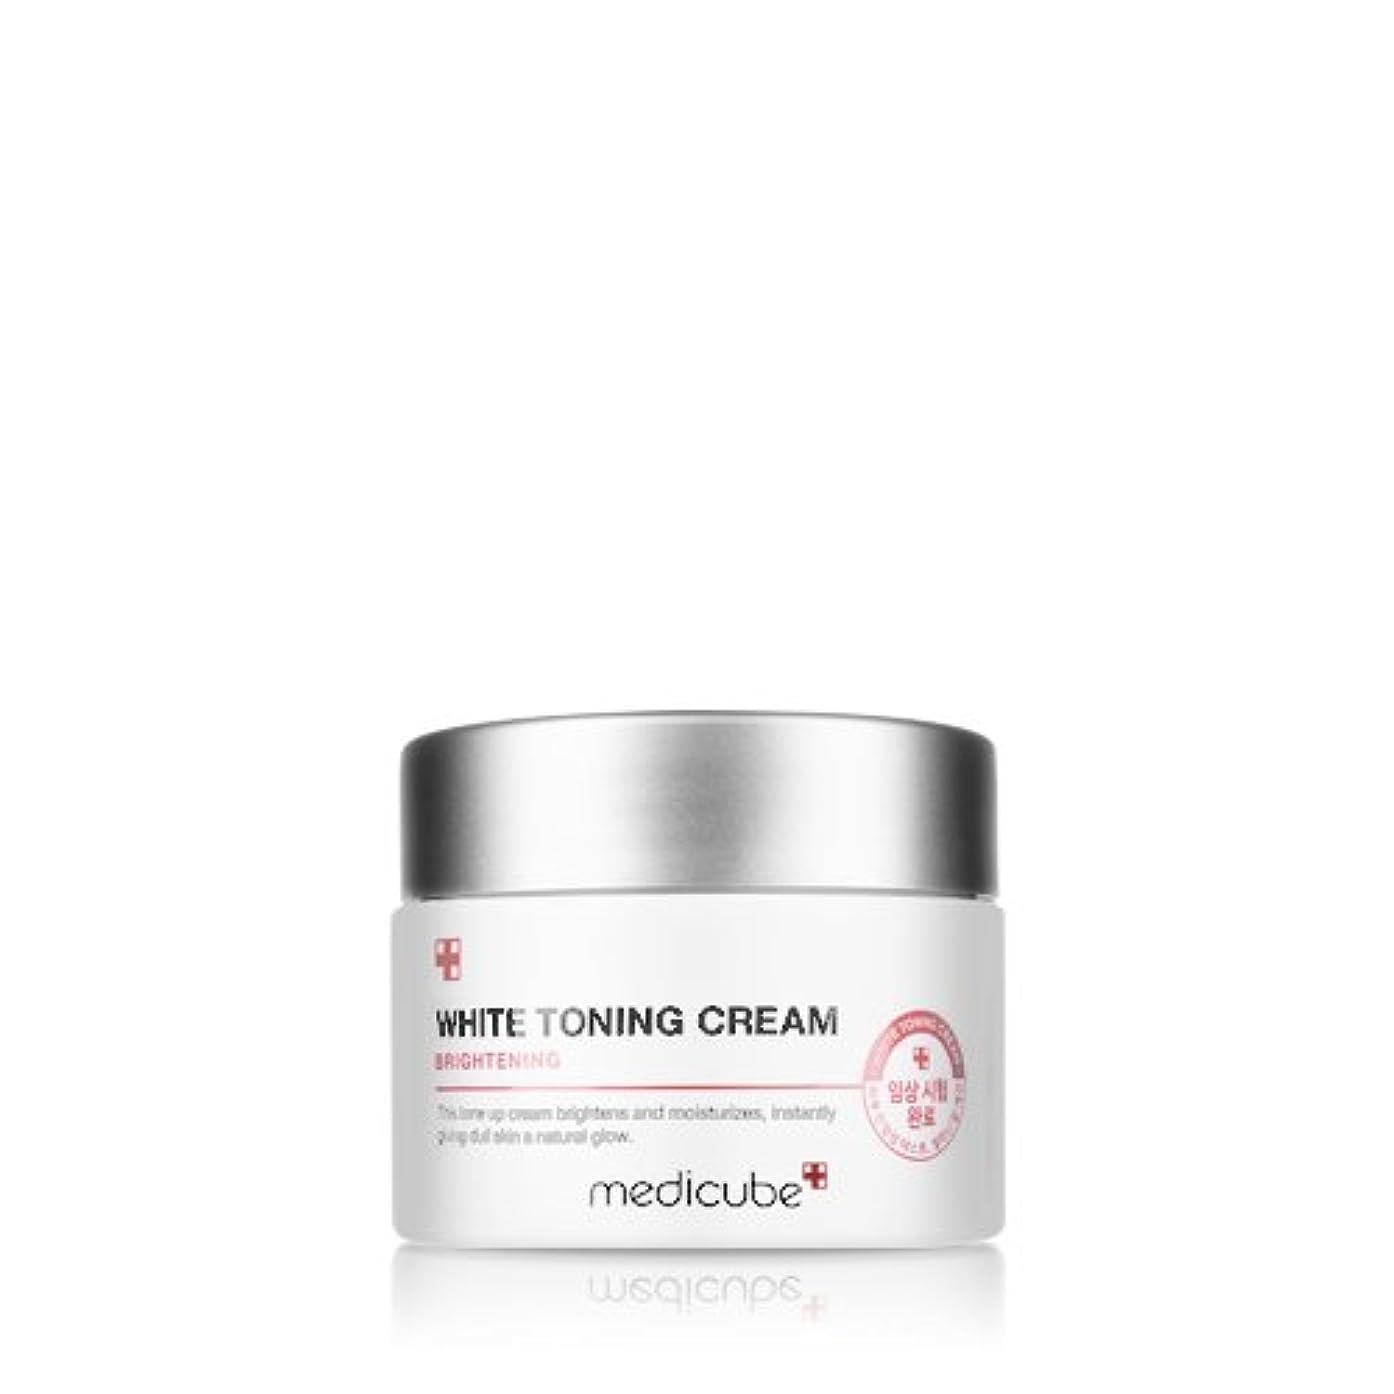 ピアース緩むおしゃれじゃない[Medicube] WHITE TONING CREAM / メディキューブ ホワイトトーニングクリーム / 正品?海外直送商品